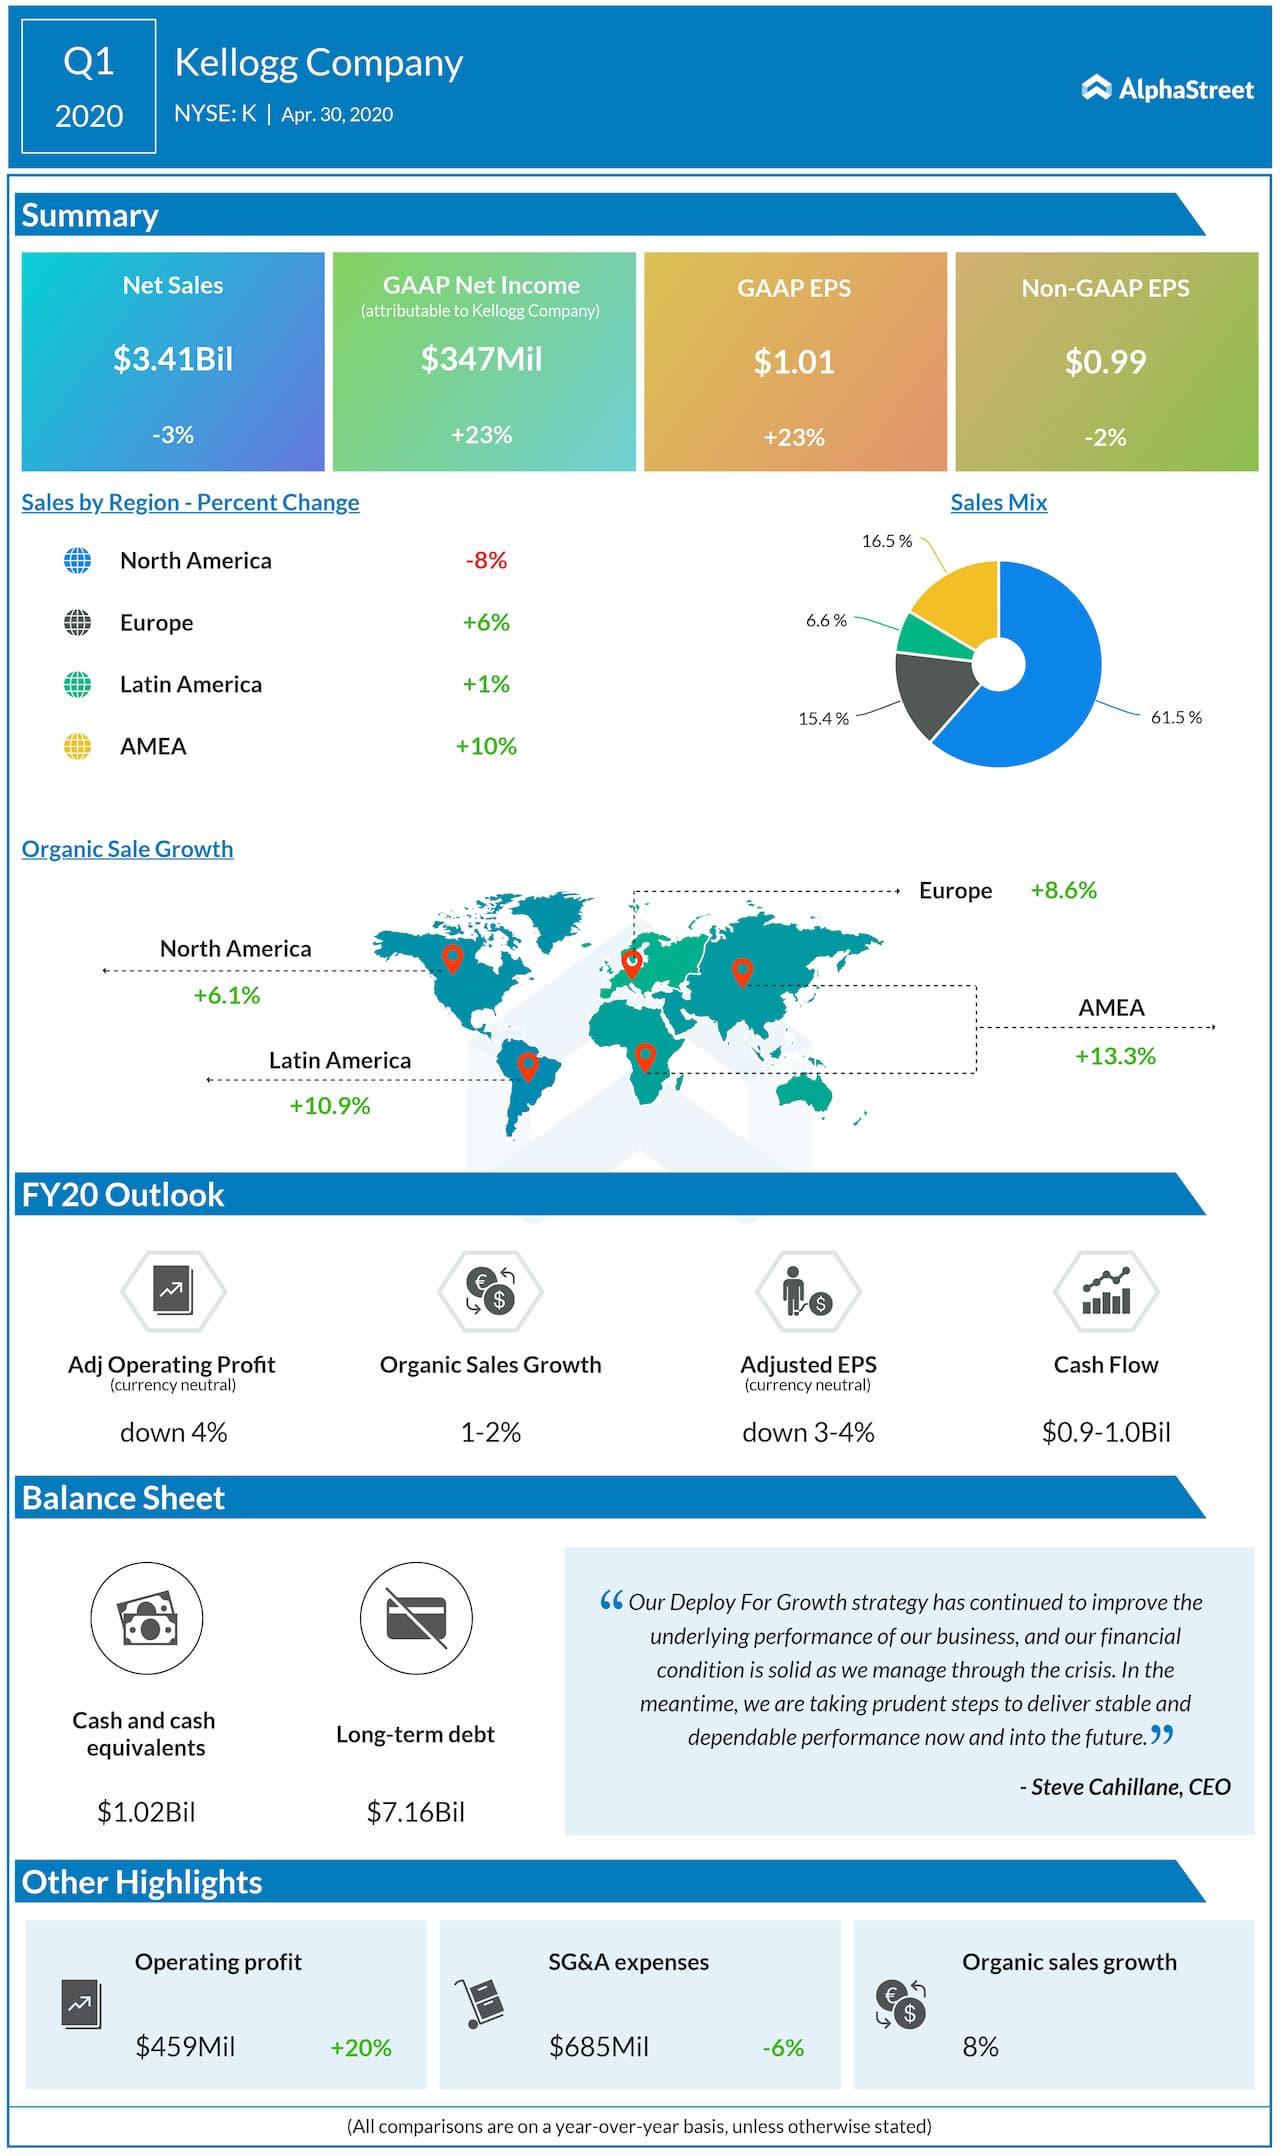 Kellogg (K) Q1 2020 earnings review